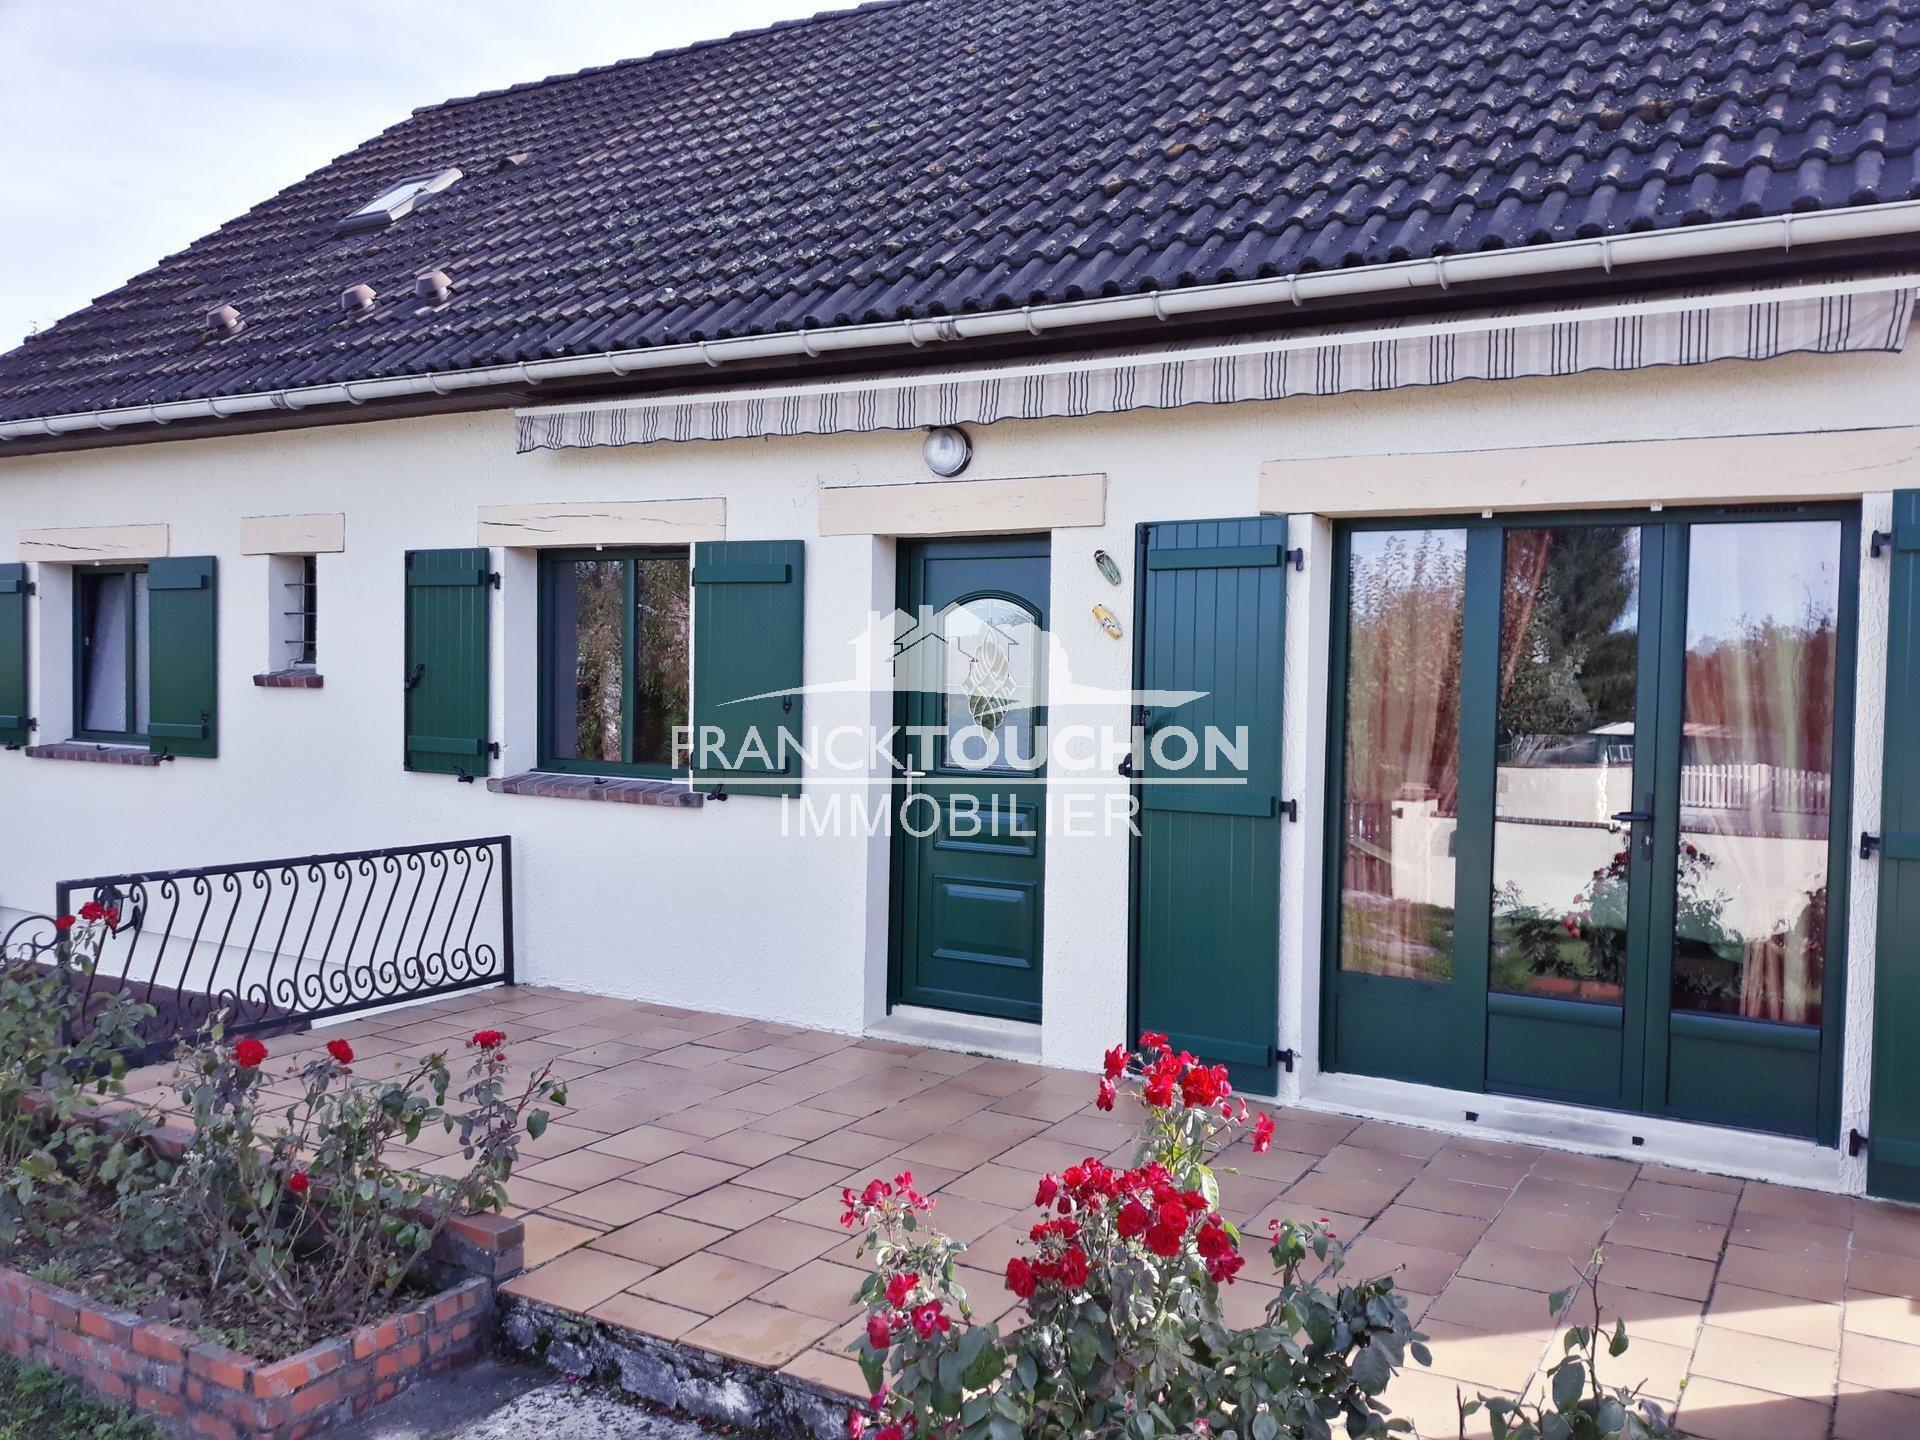 PAVILLON à FERRIERES EN GATINAIS (45210) 4 chambres - à 1h de PARIS - 1000 m² terrain